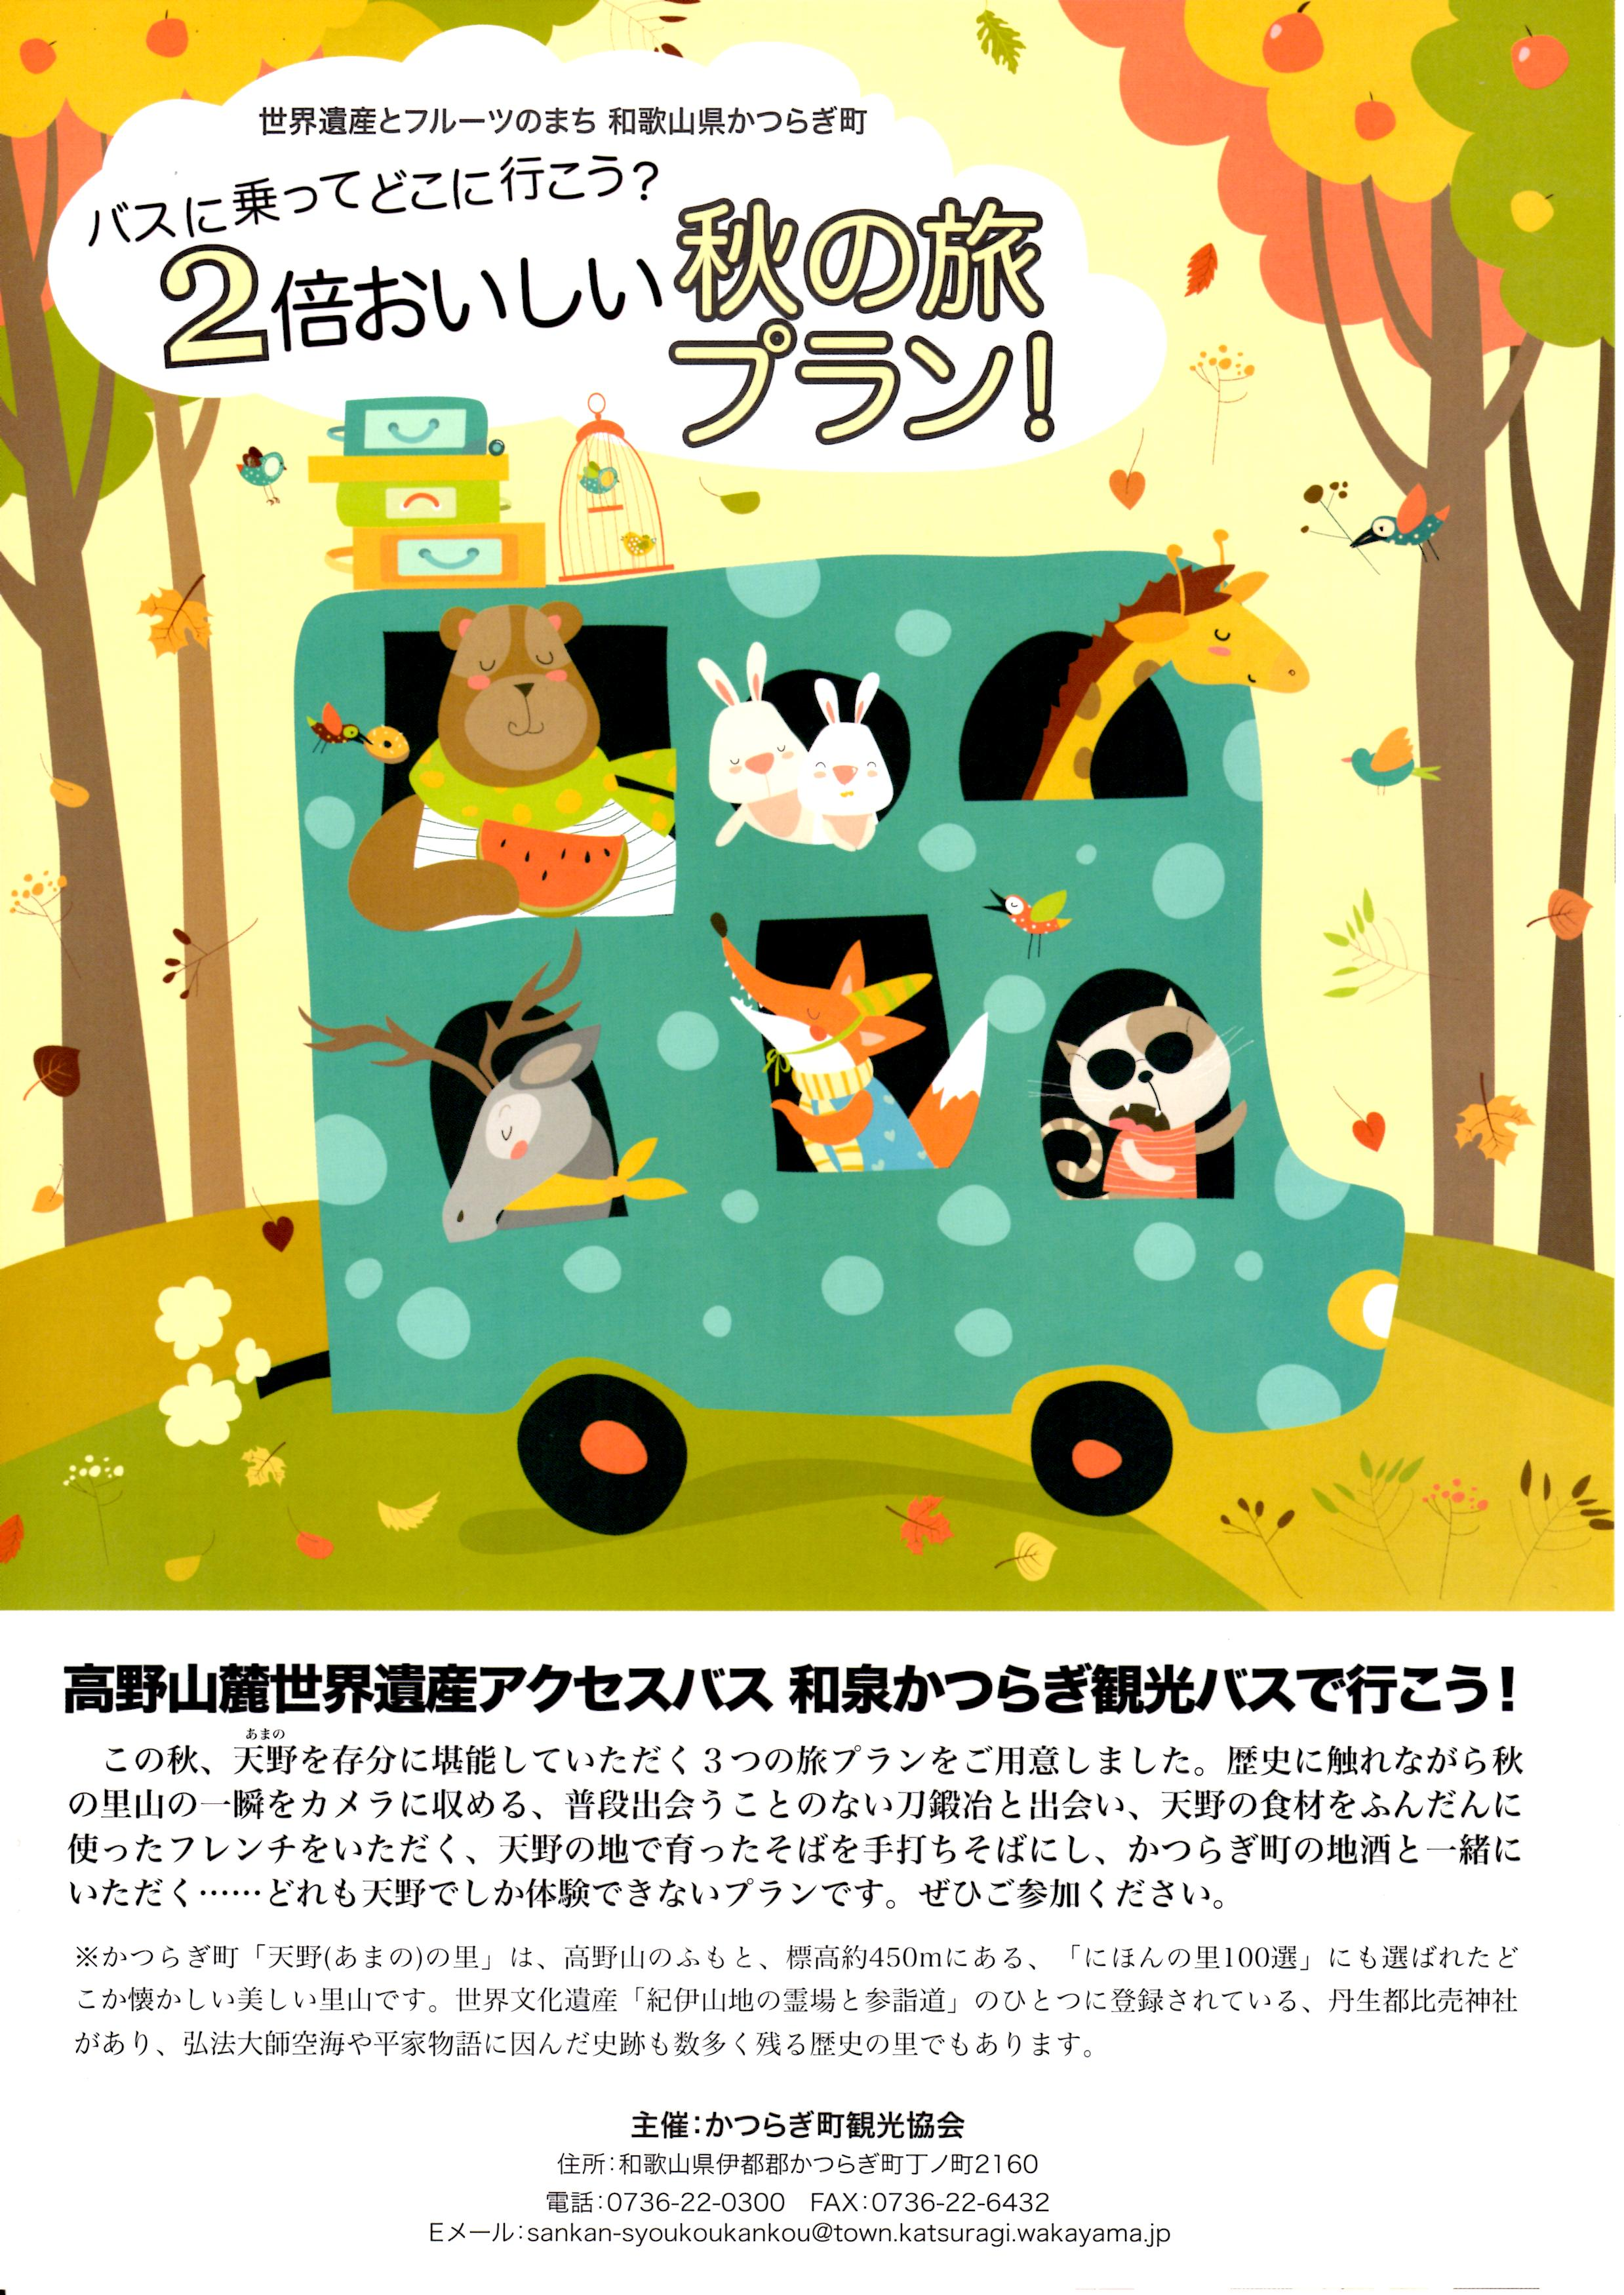 和泉かつらぎ観光バスに乗って♪『天野の里(かつらぎ町)』へ2倍おいしい秋の旅に出かけよう!!